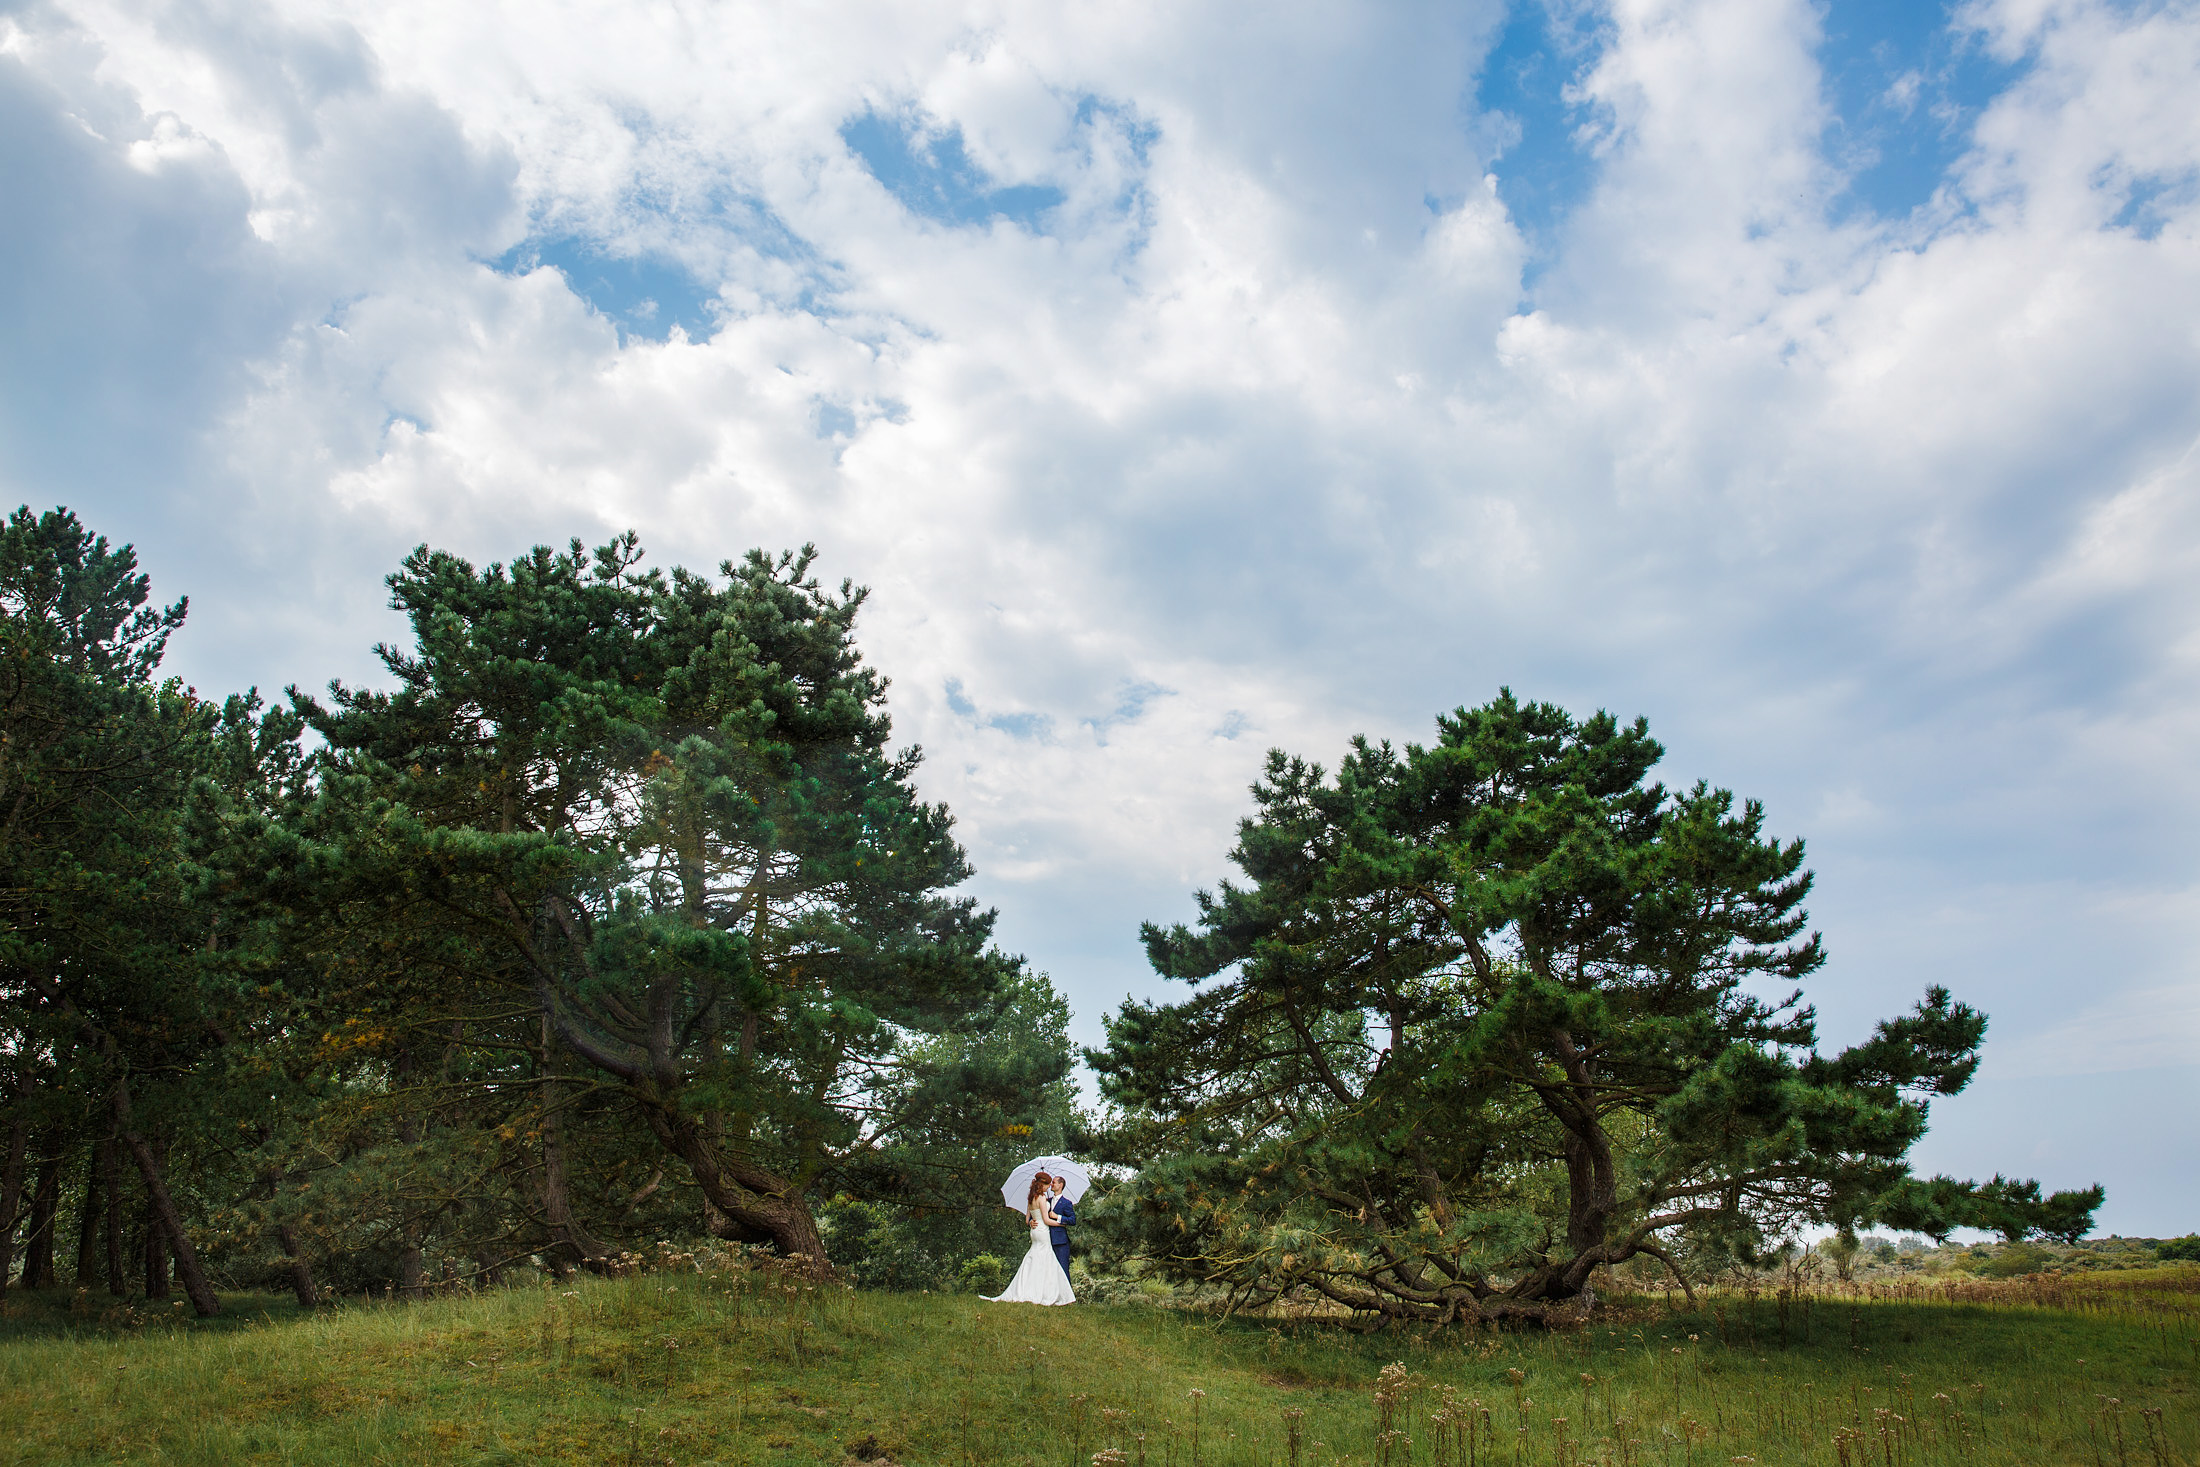 11-Bruiloft-Fotoshoot-Duinen-Zandvoort